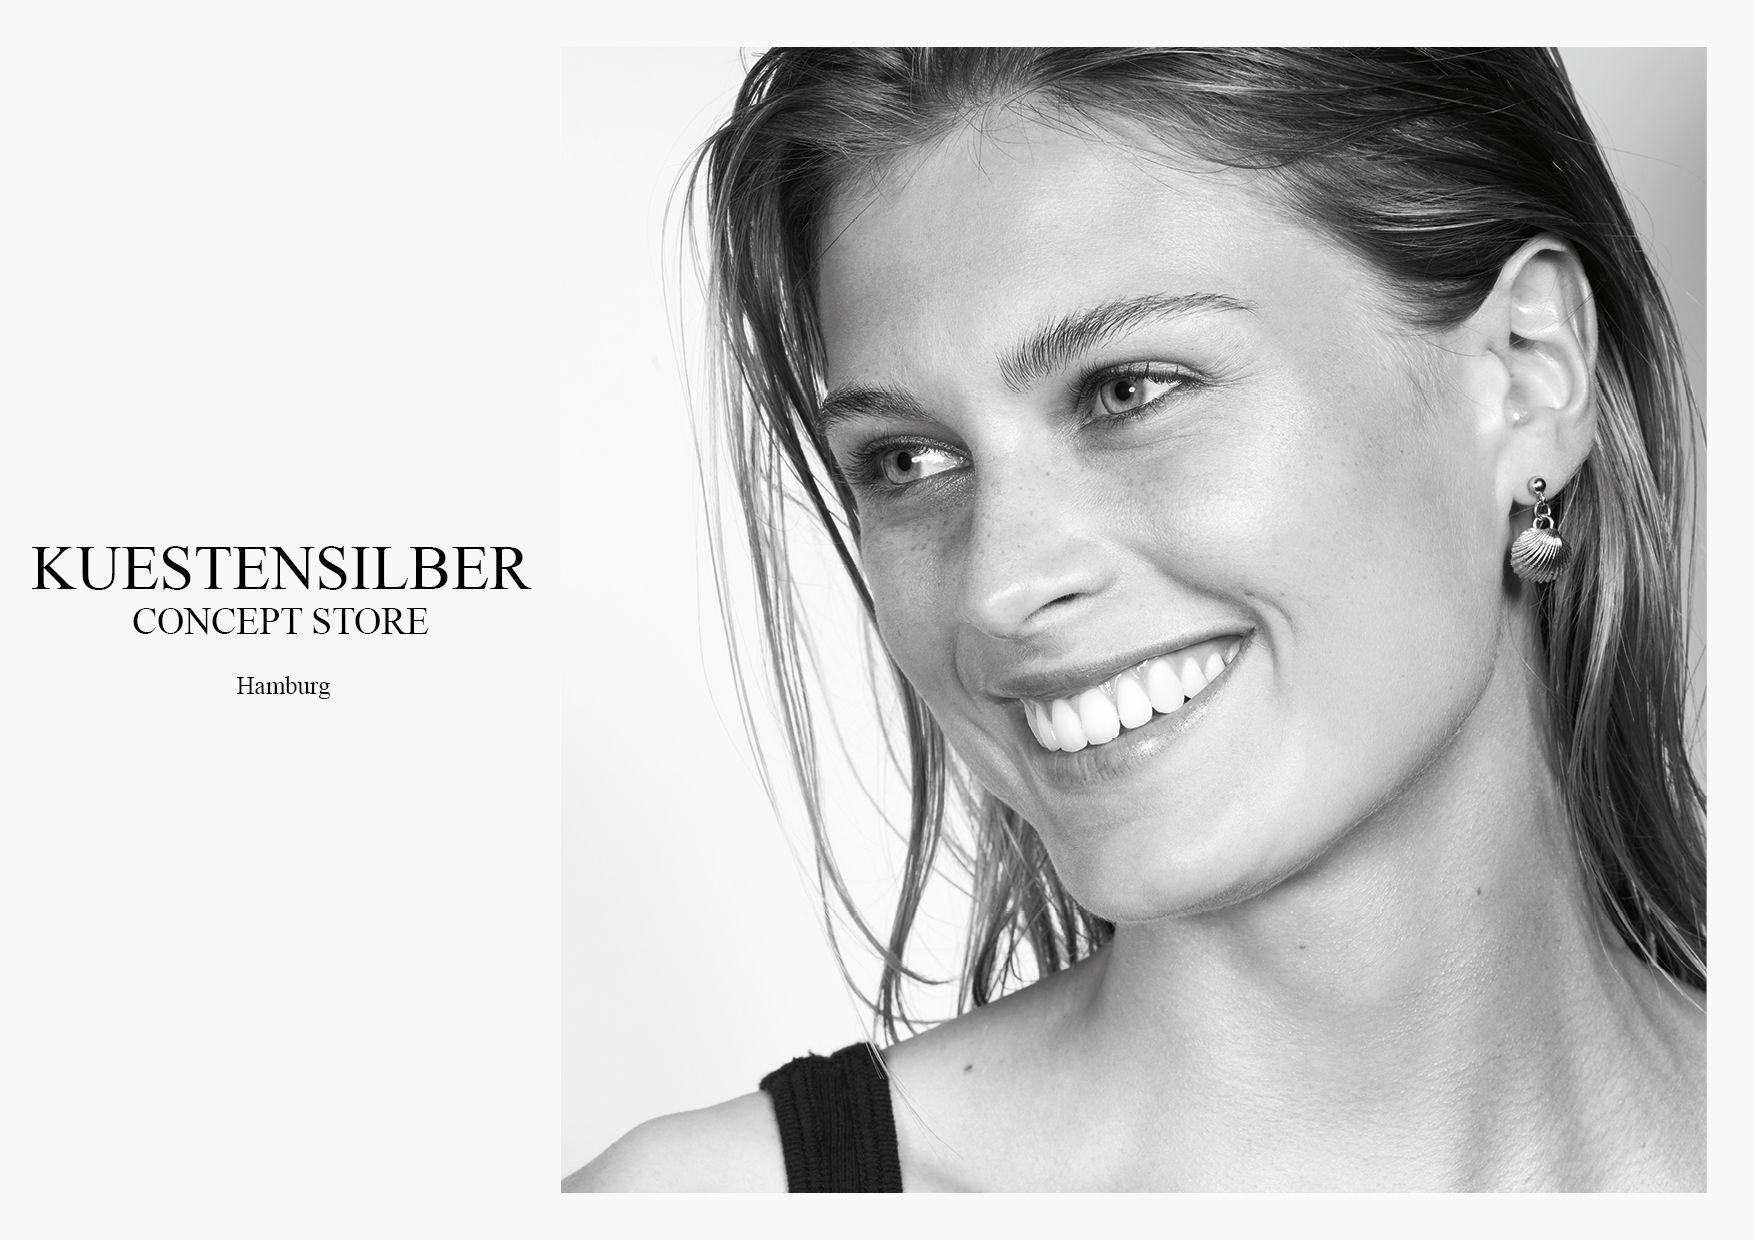 HAUSER FOTOGRAFEN: LEIF SCHMODDE +++ Küstensilber Concept Store